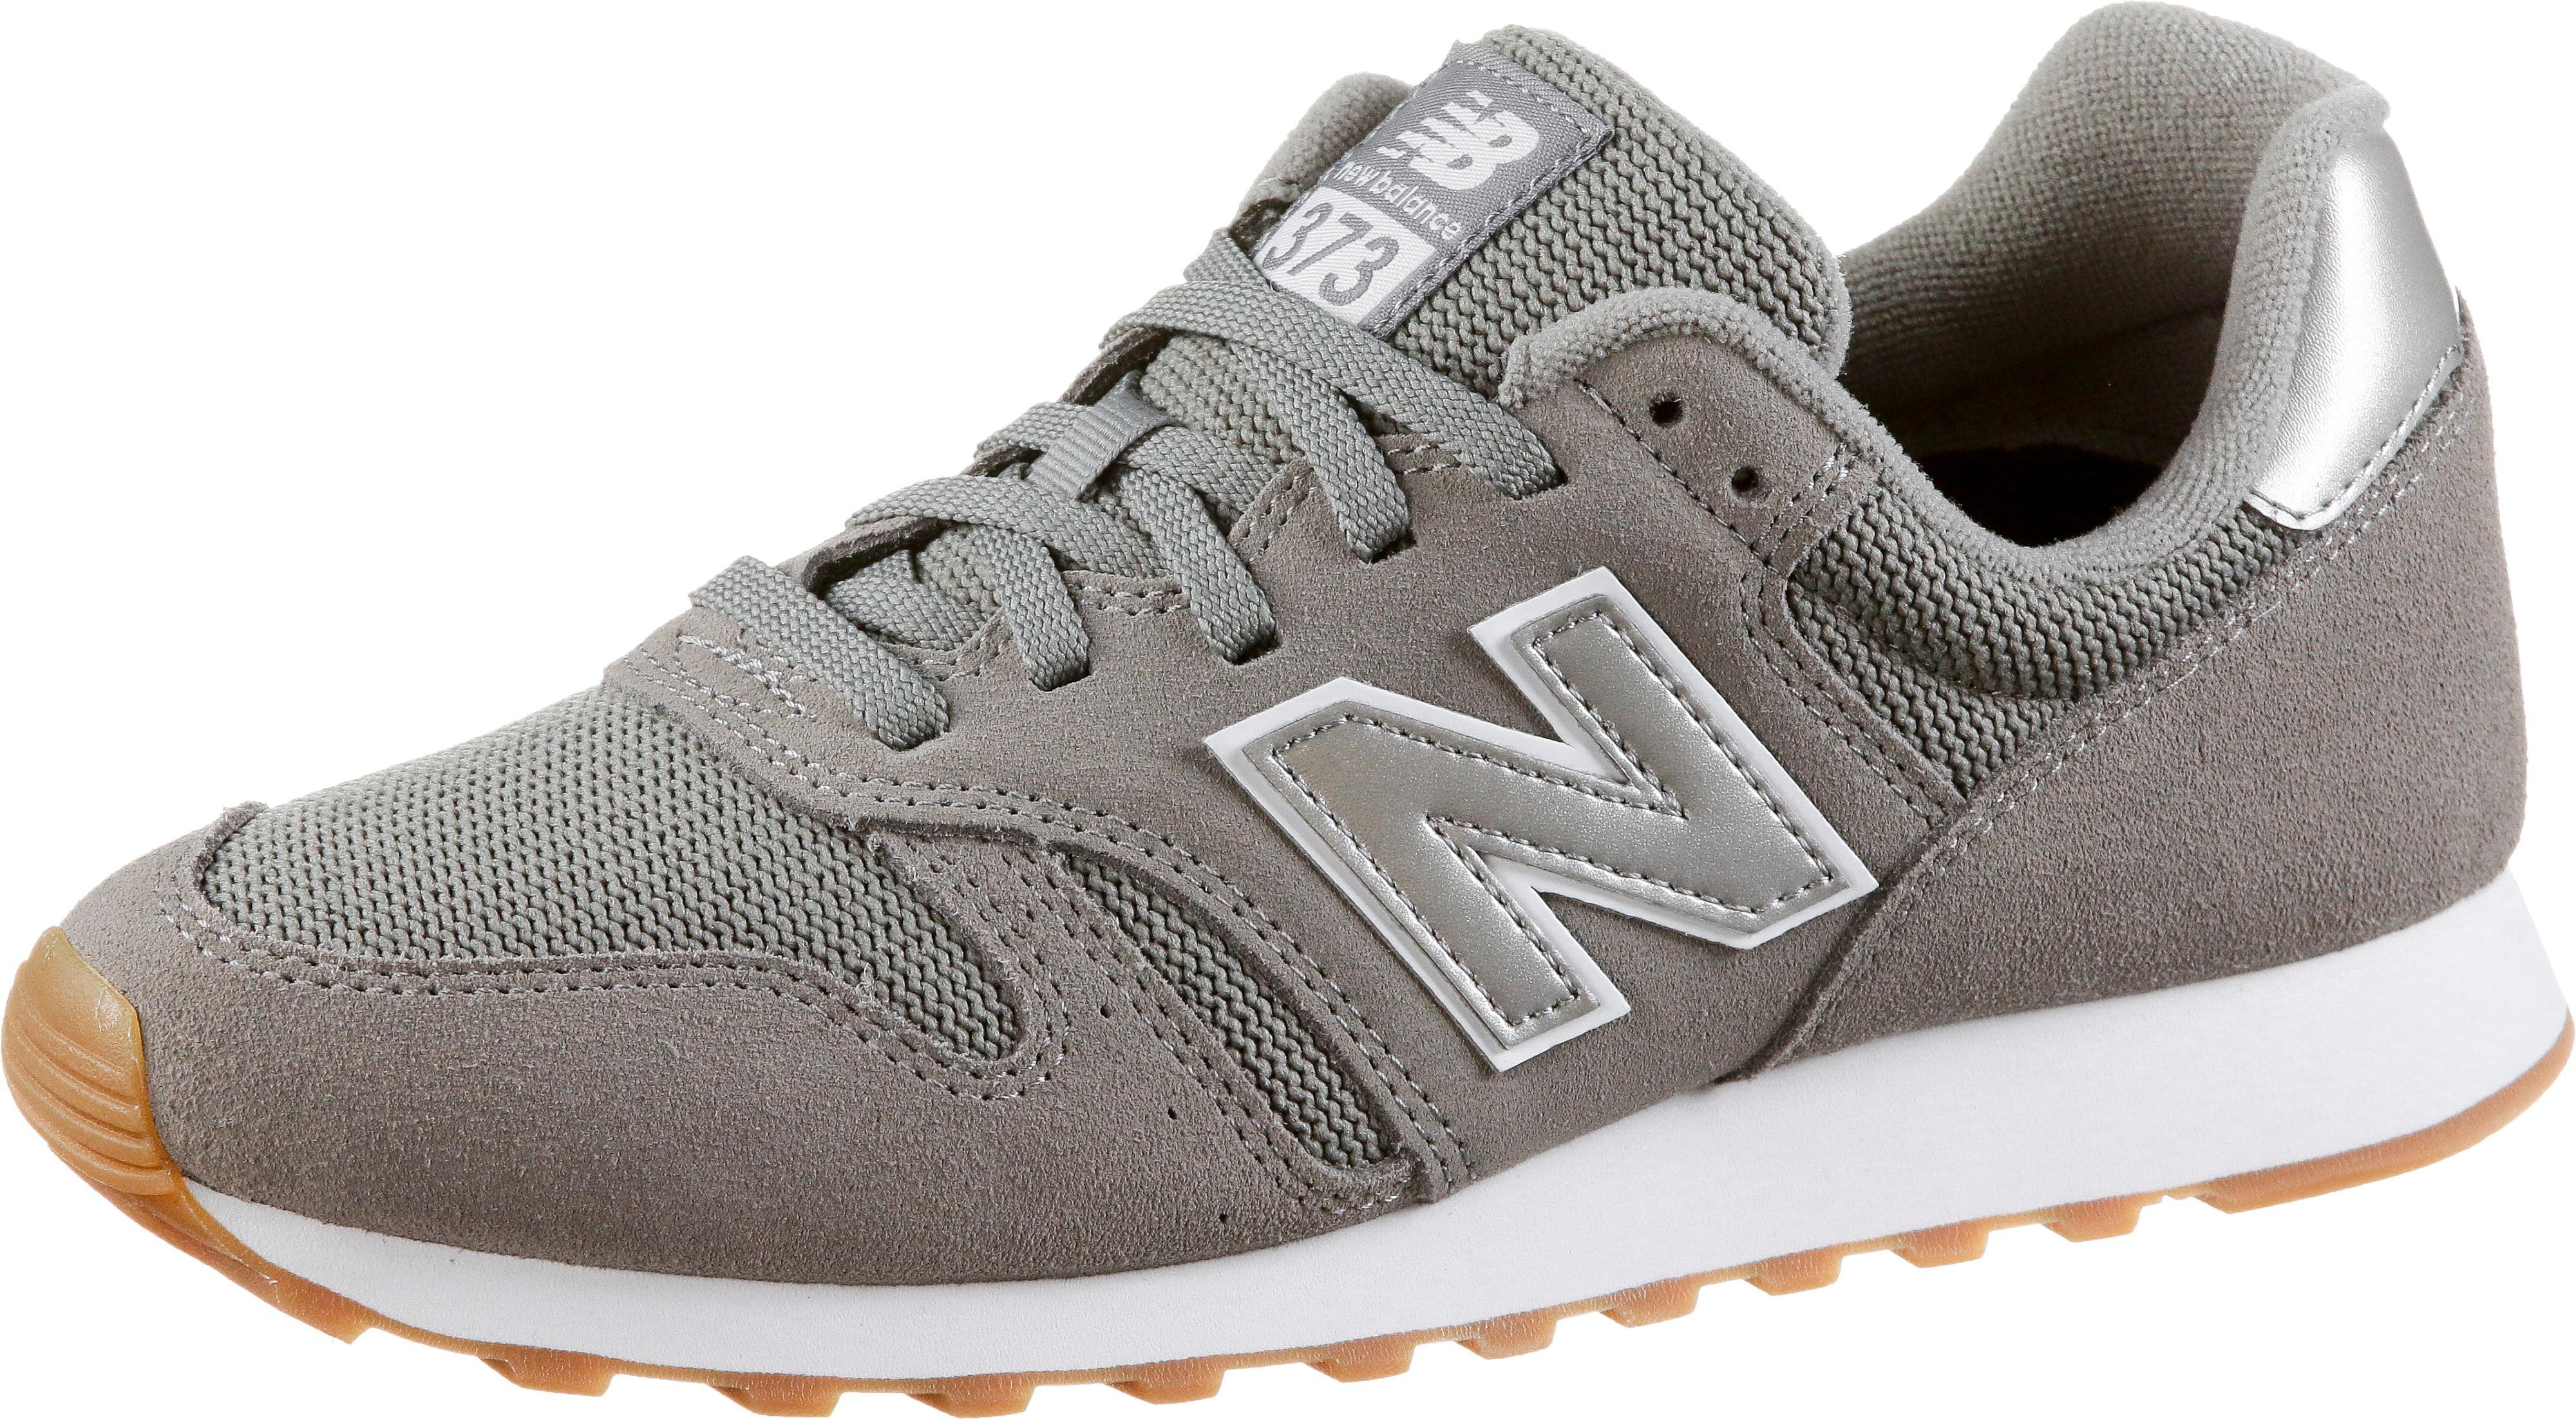 new balance shop aktuelles nb sortiment im sportscheck online shop  new balance 373 sneaker damen marblehead